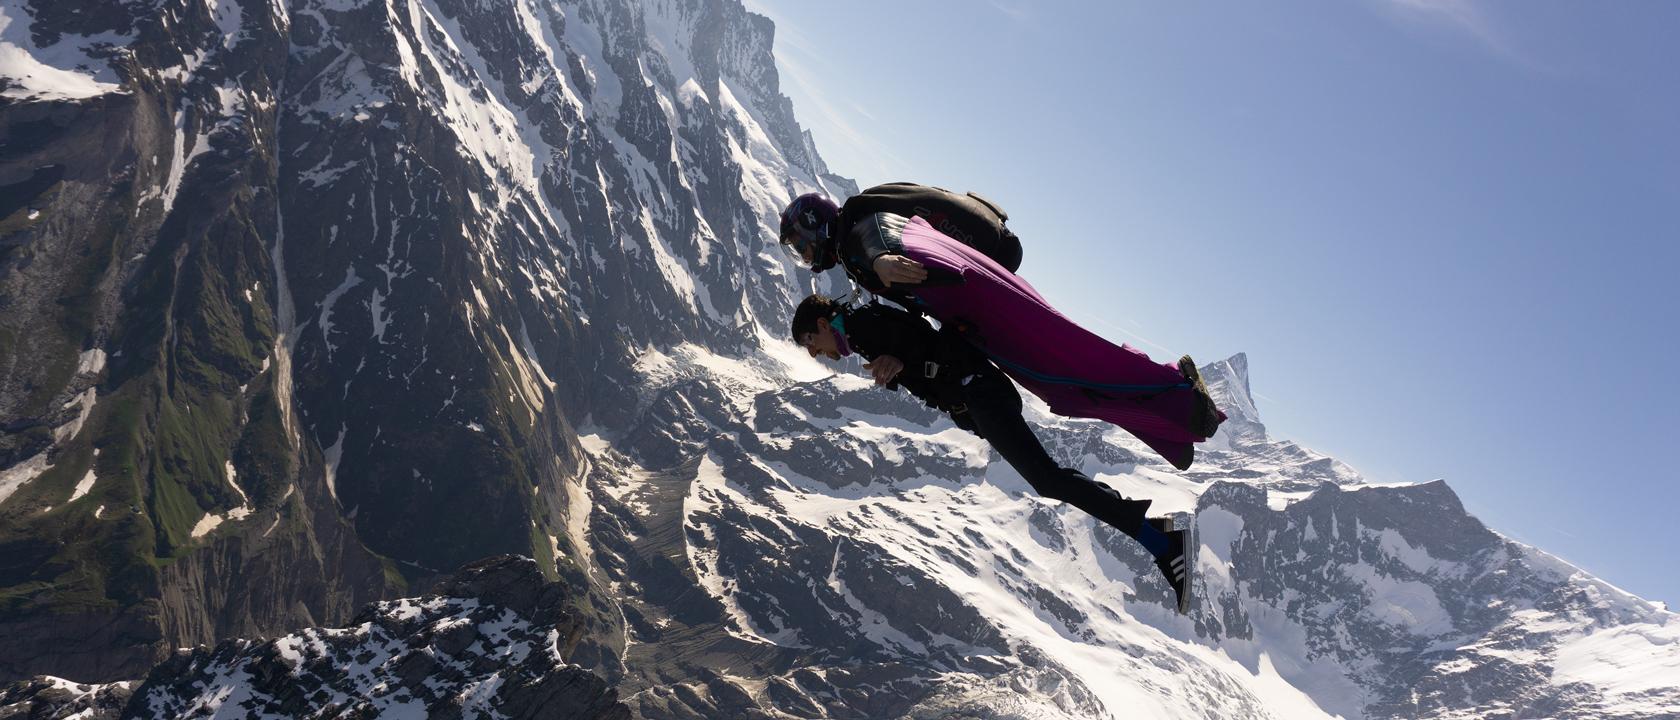 World Premiere: Wingsuit Tandem